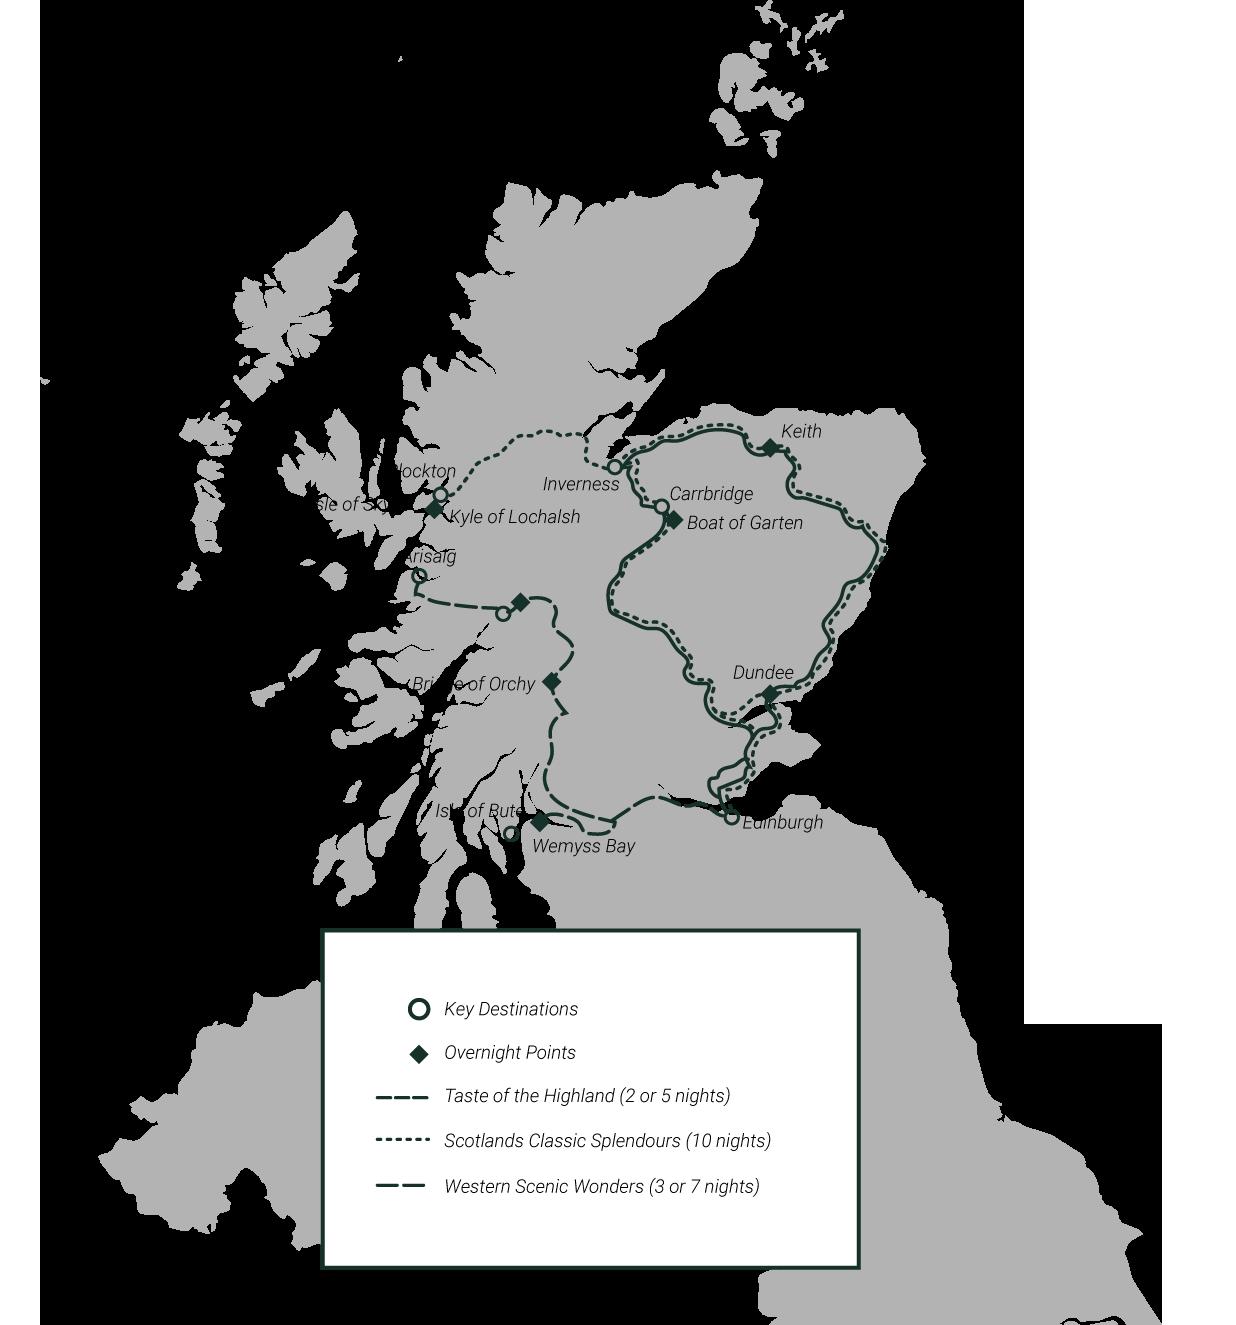 Royal Scotsman, A Belmond Train